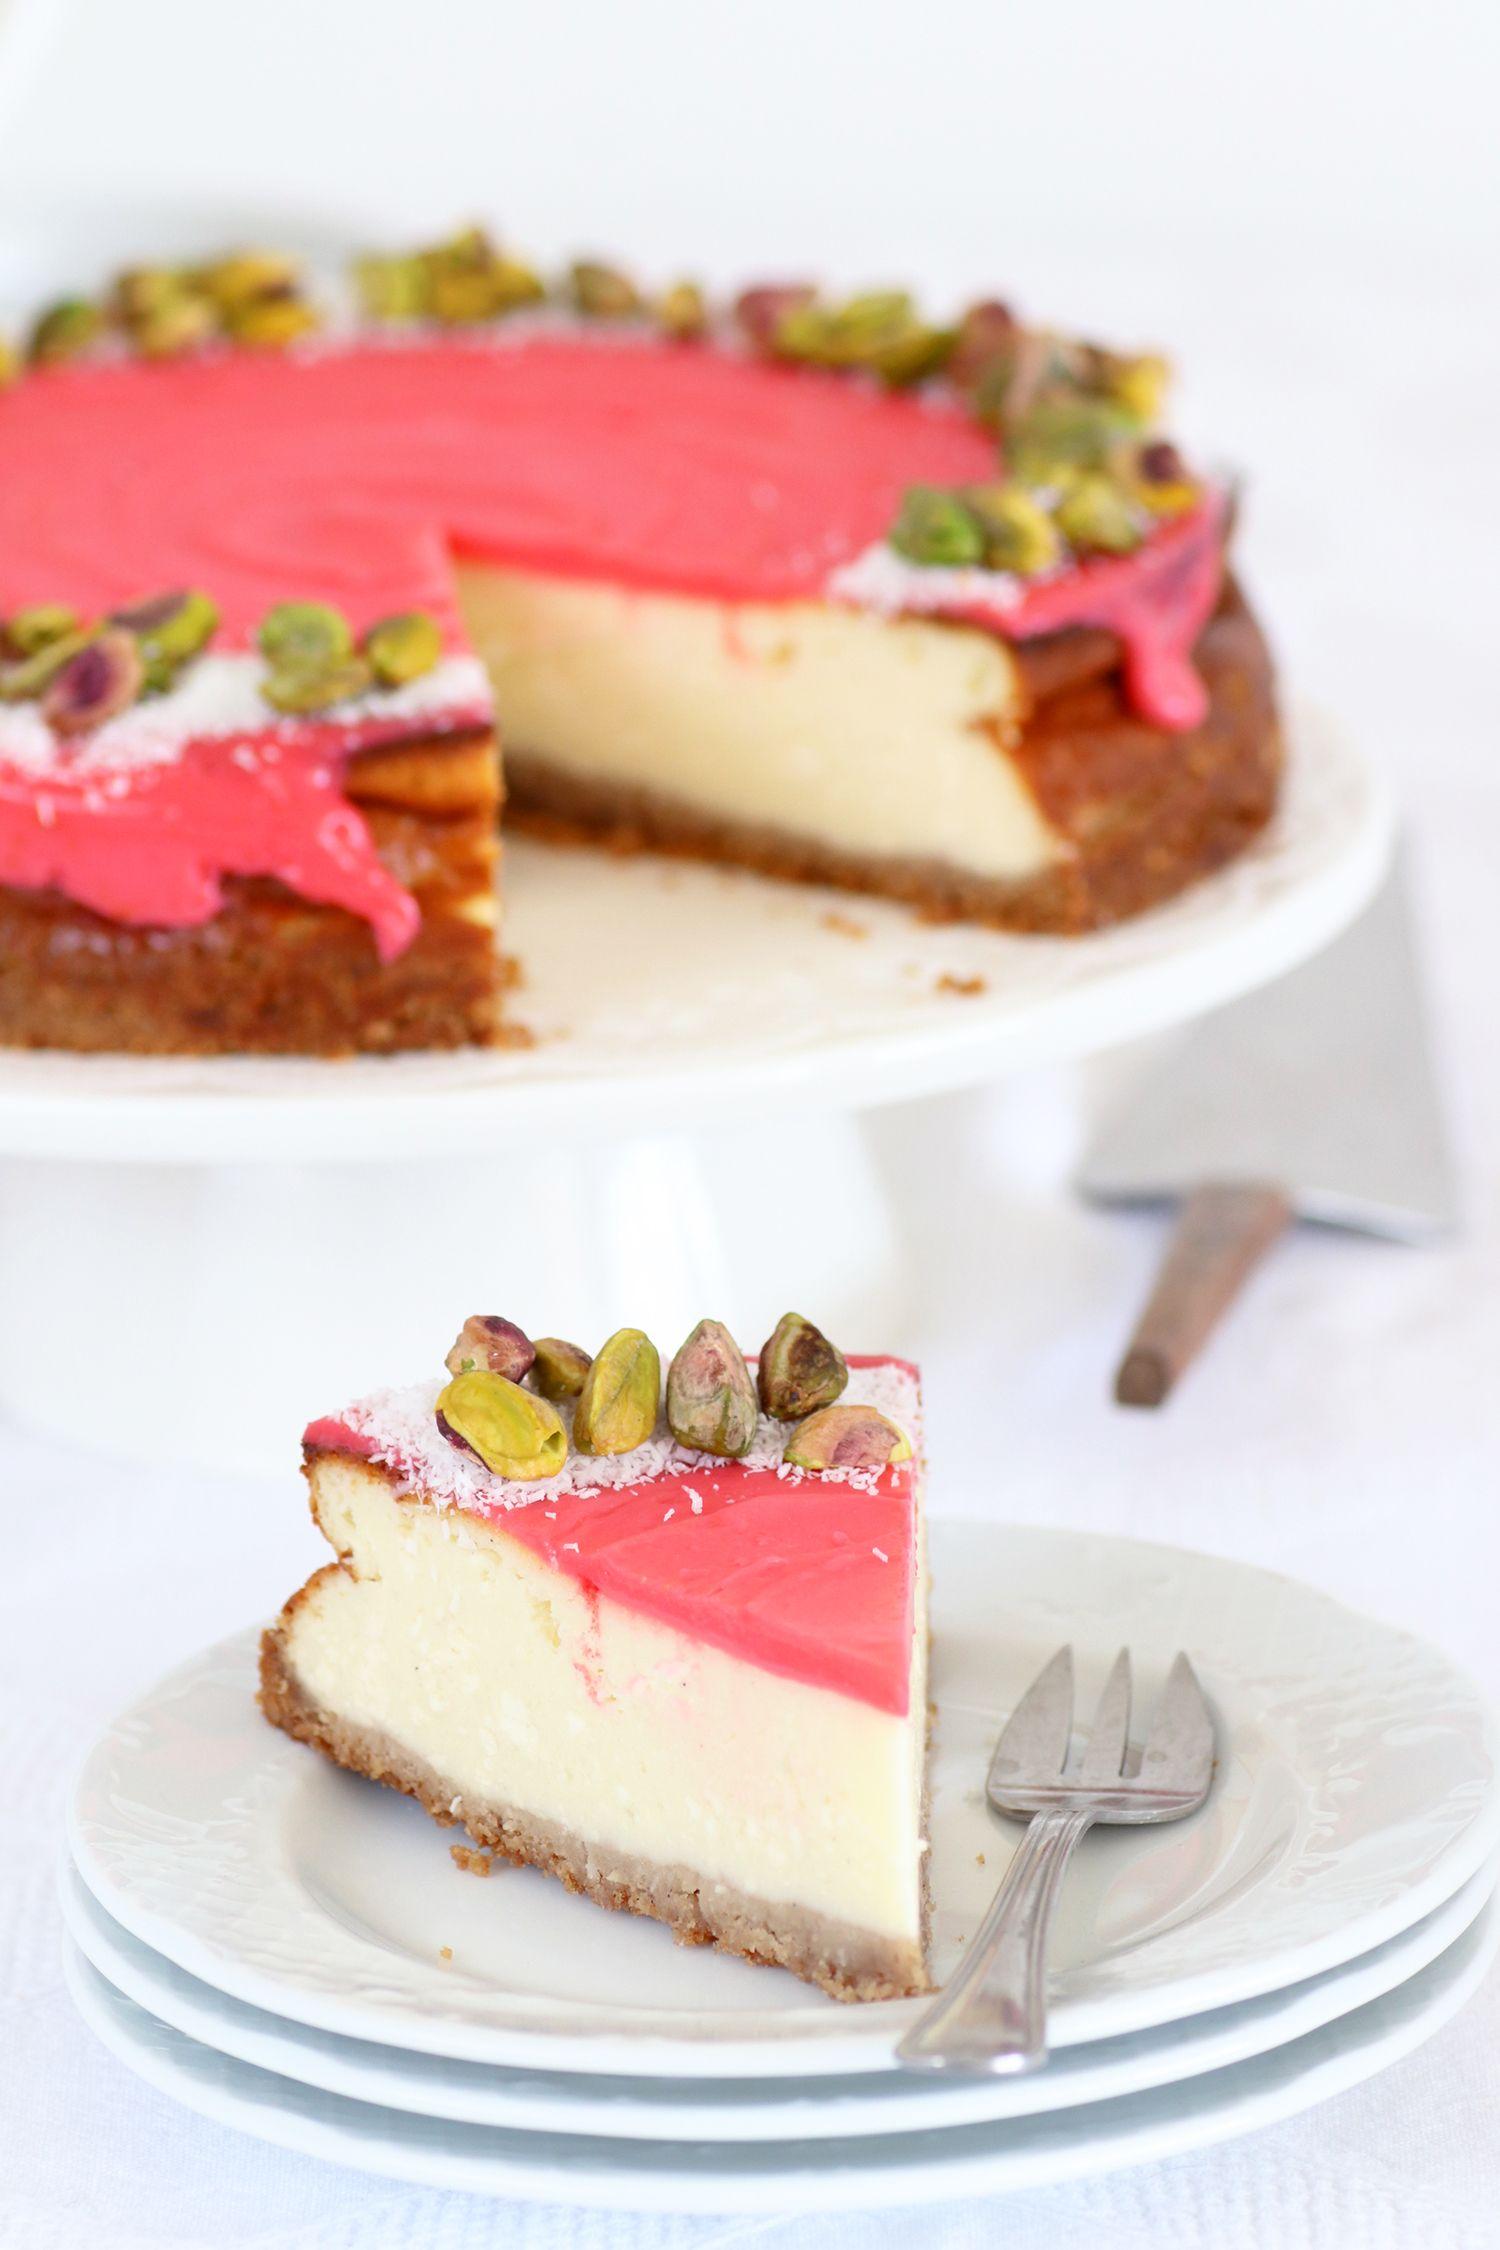 עוגת גבינה מלבי | צילום: נטלי לוין